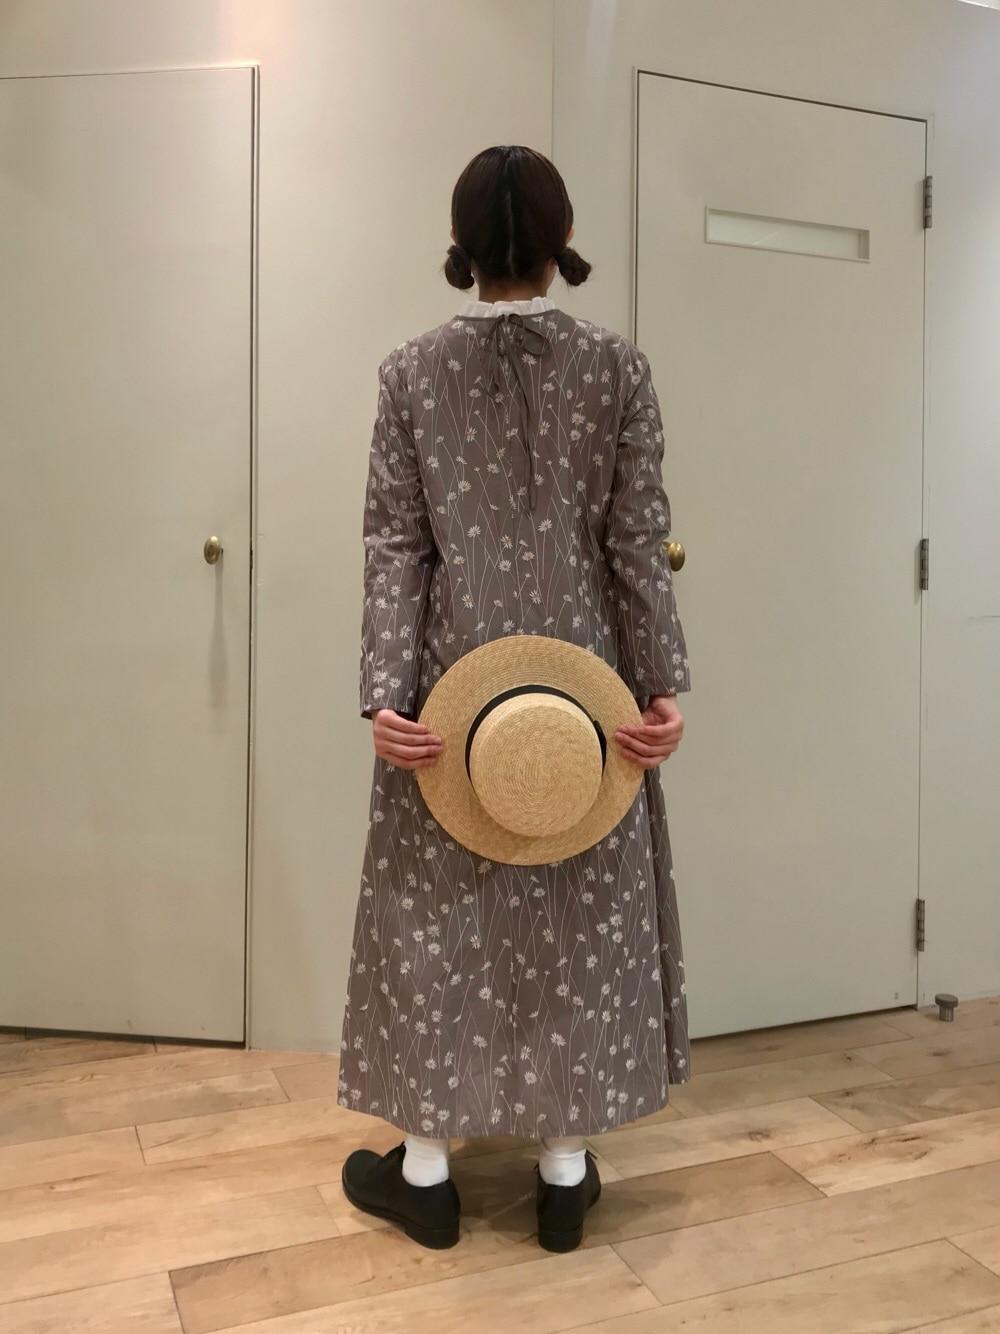 l'atelier du savon 東京スカイツリータウン・ソラマチ 身長:154cm 2021.03.04